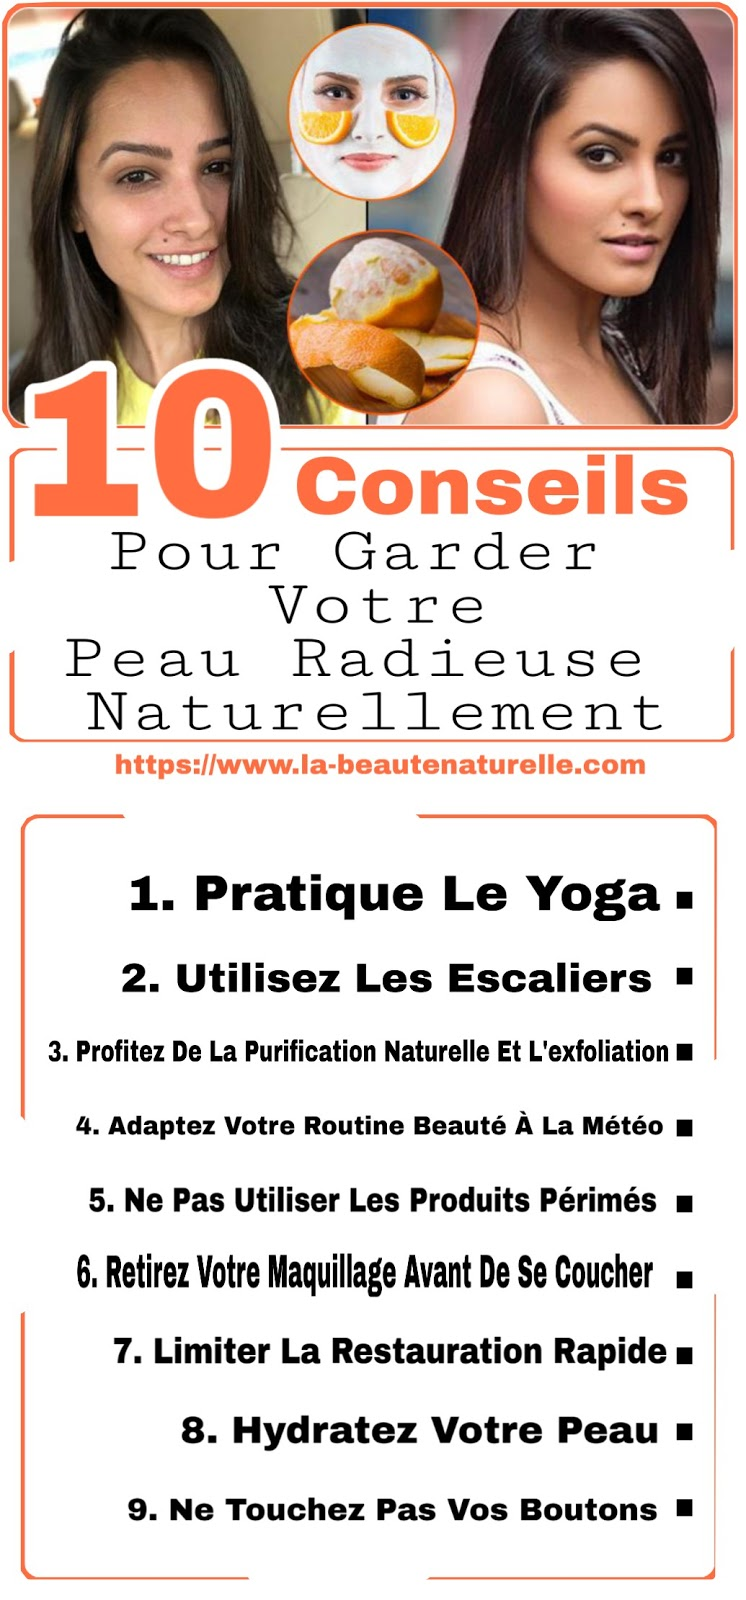 10 Conseils Pour Garder Votre Peau Radieuse Naturellement